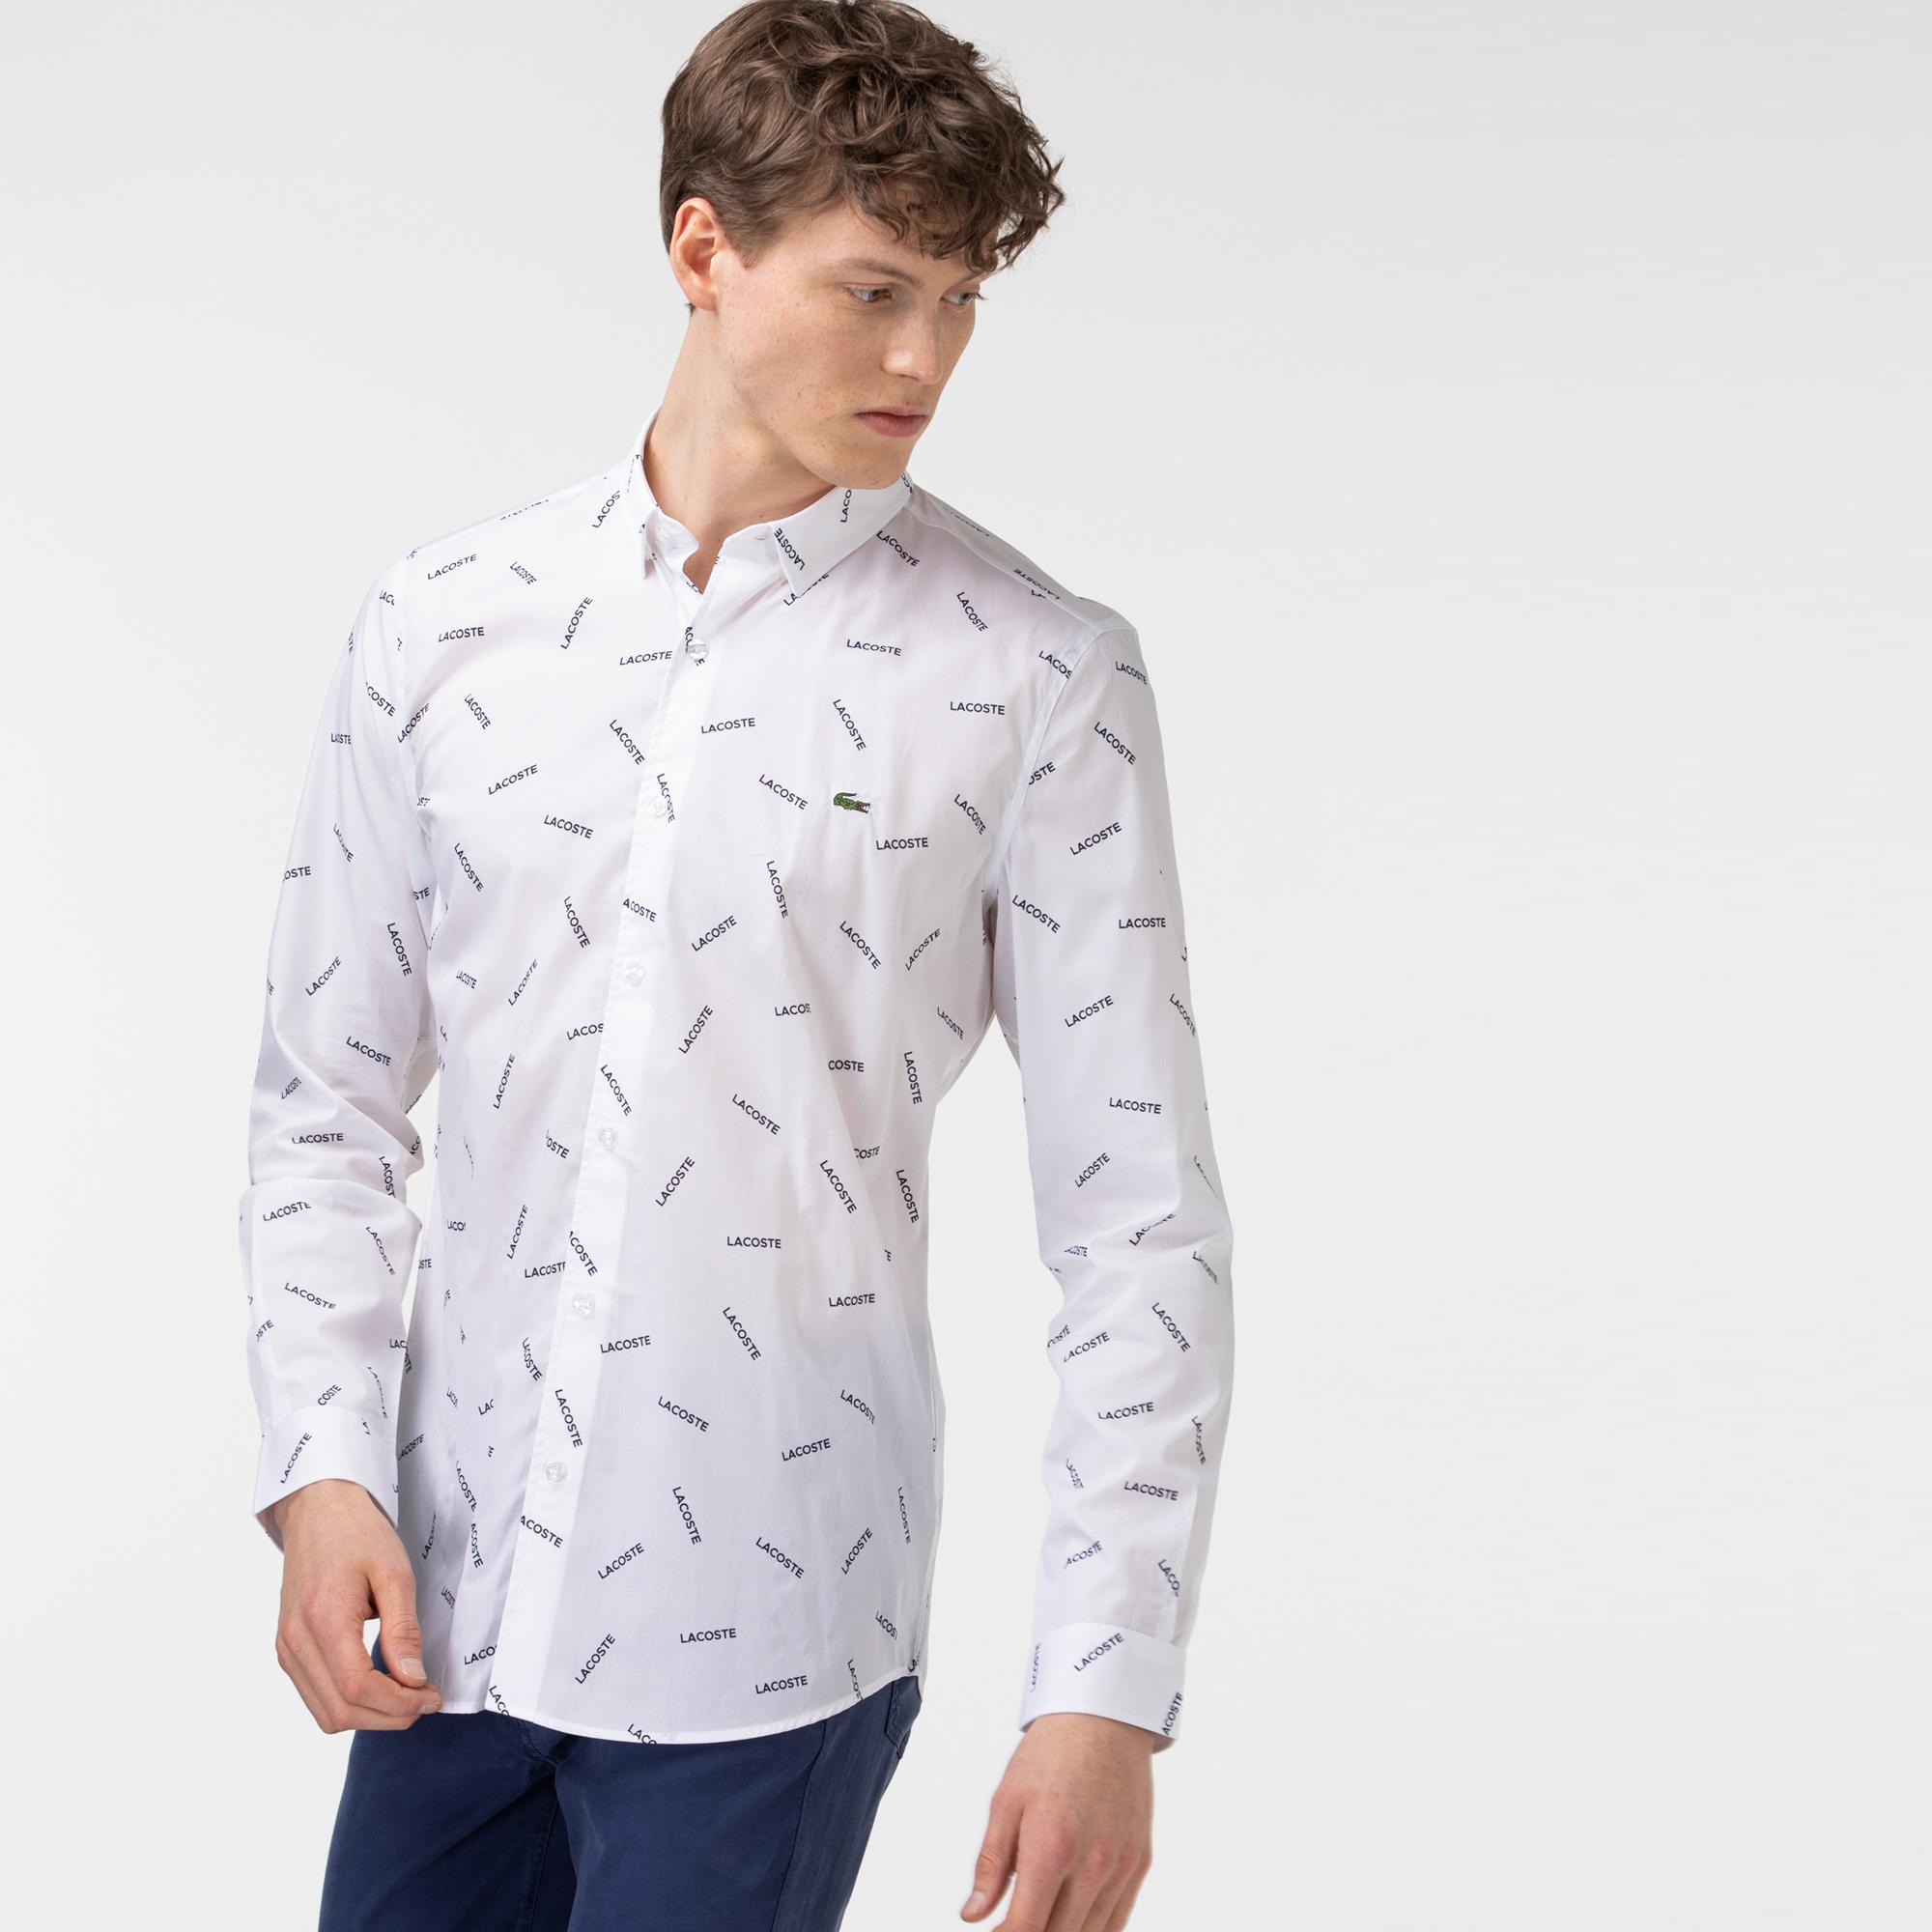 Lacoste Erkek Slim Fit Baskılı Beyaz Gömlek